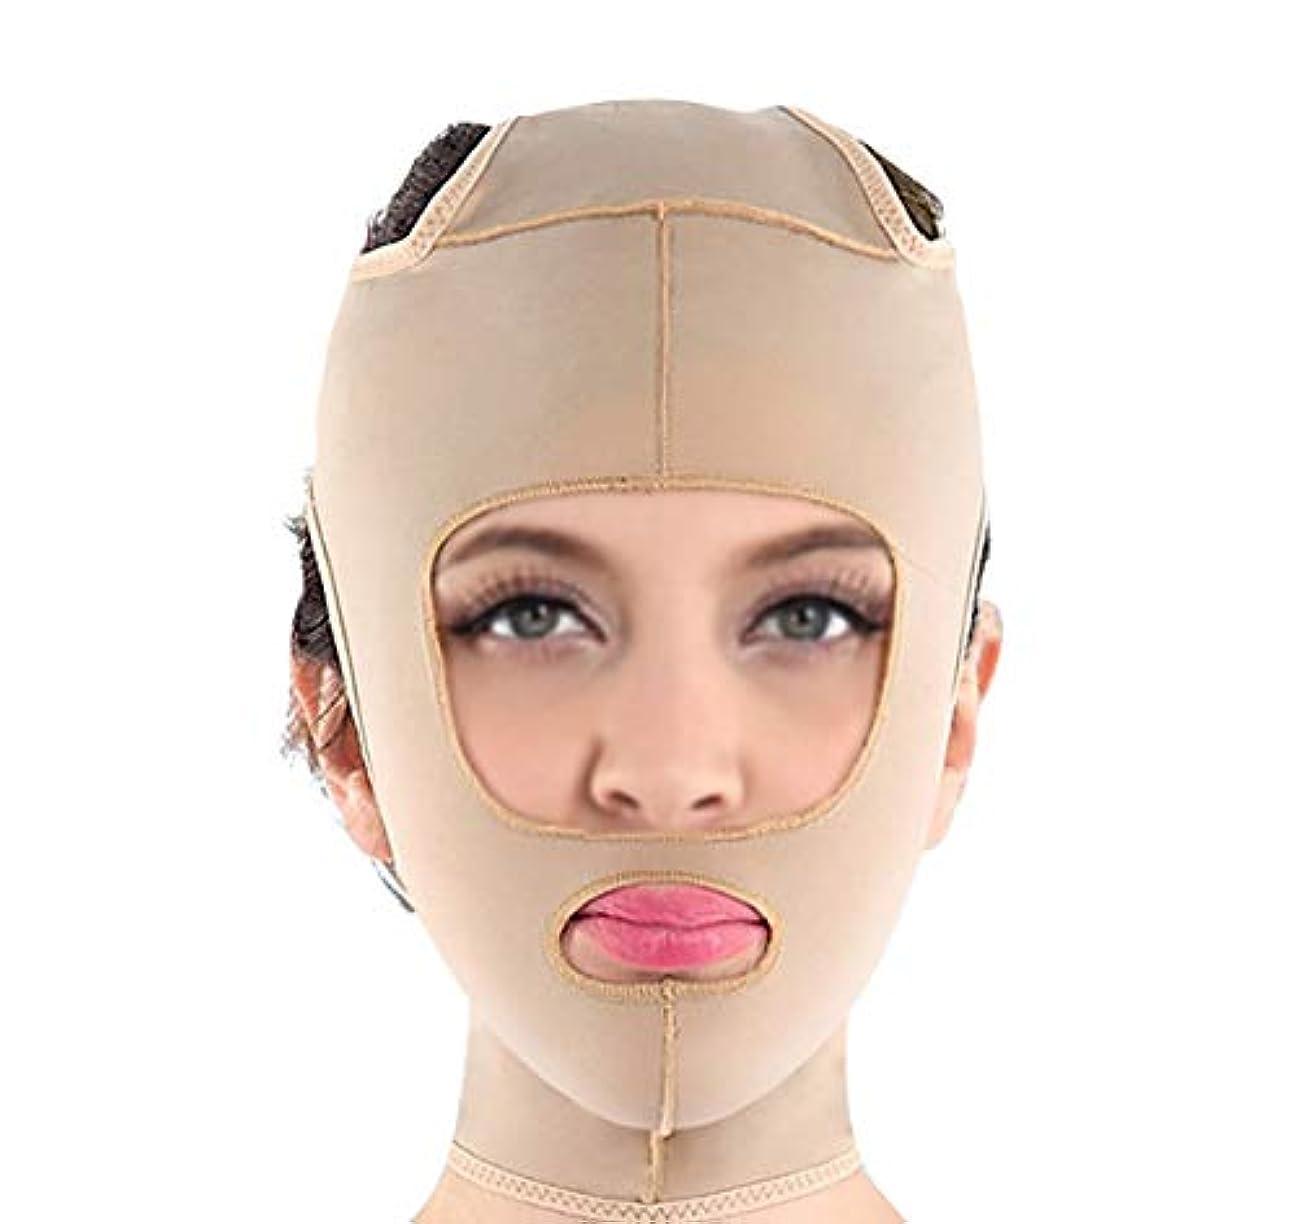 接尾辞アーサーうまれた肌をしっかりと保ち、顔の筋肉の垂れ下がりや顔の美しい輪郭の形成を防ぐフェイスリフティングマスク (Size : XL)